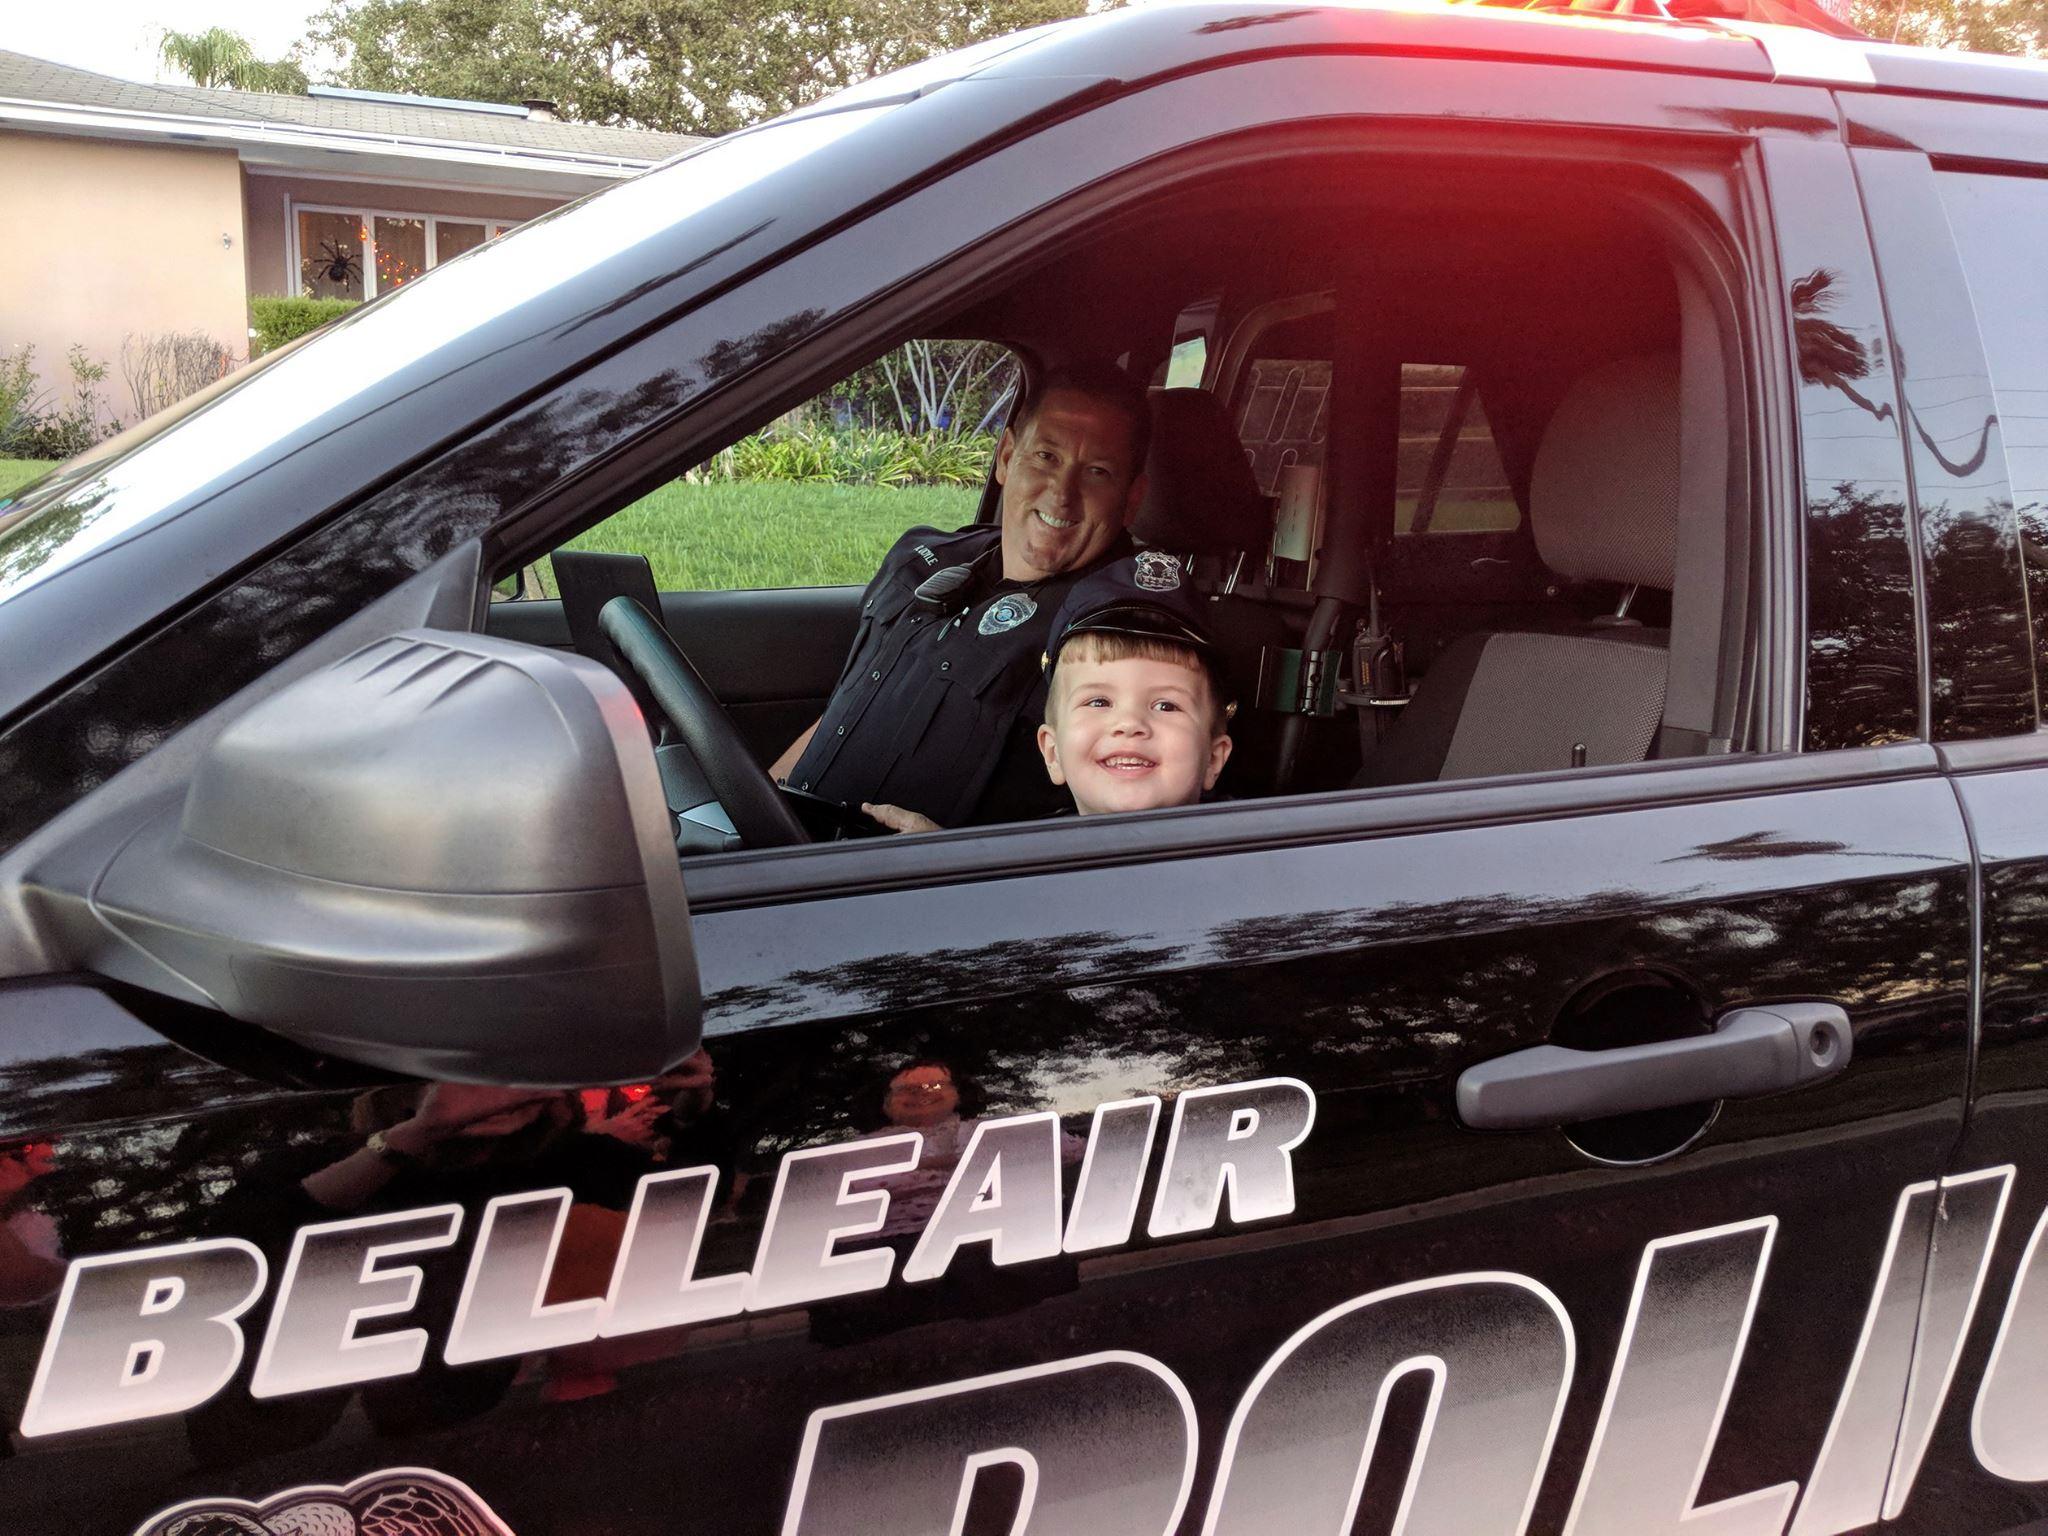 Police | Belleair, FL - Official Website